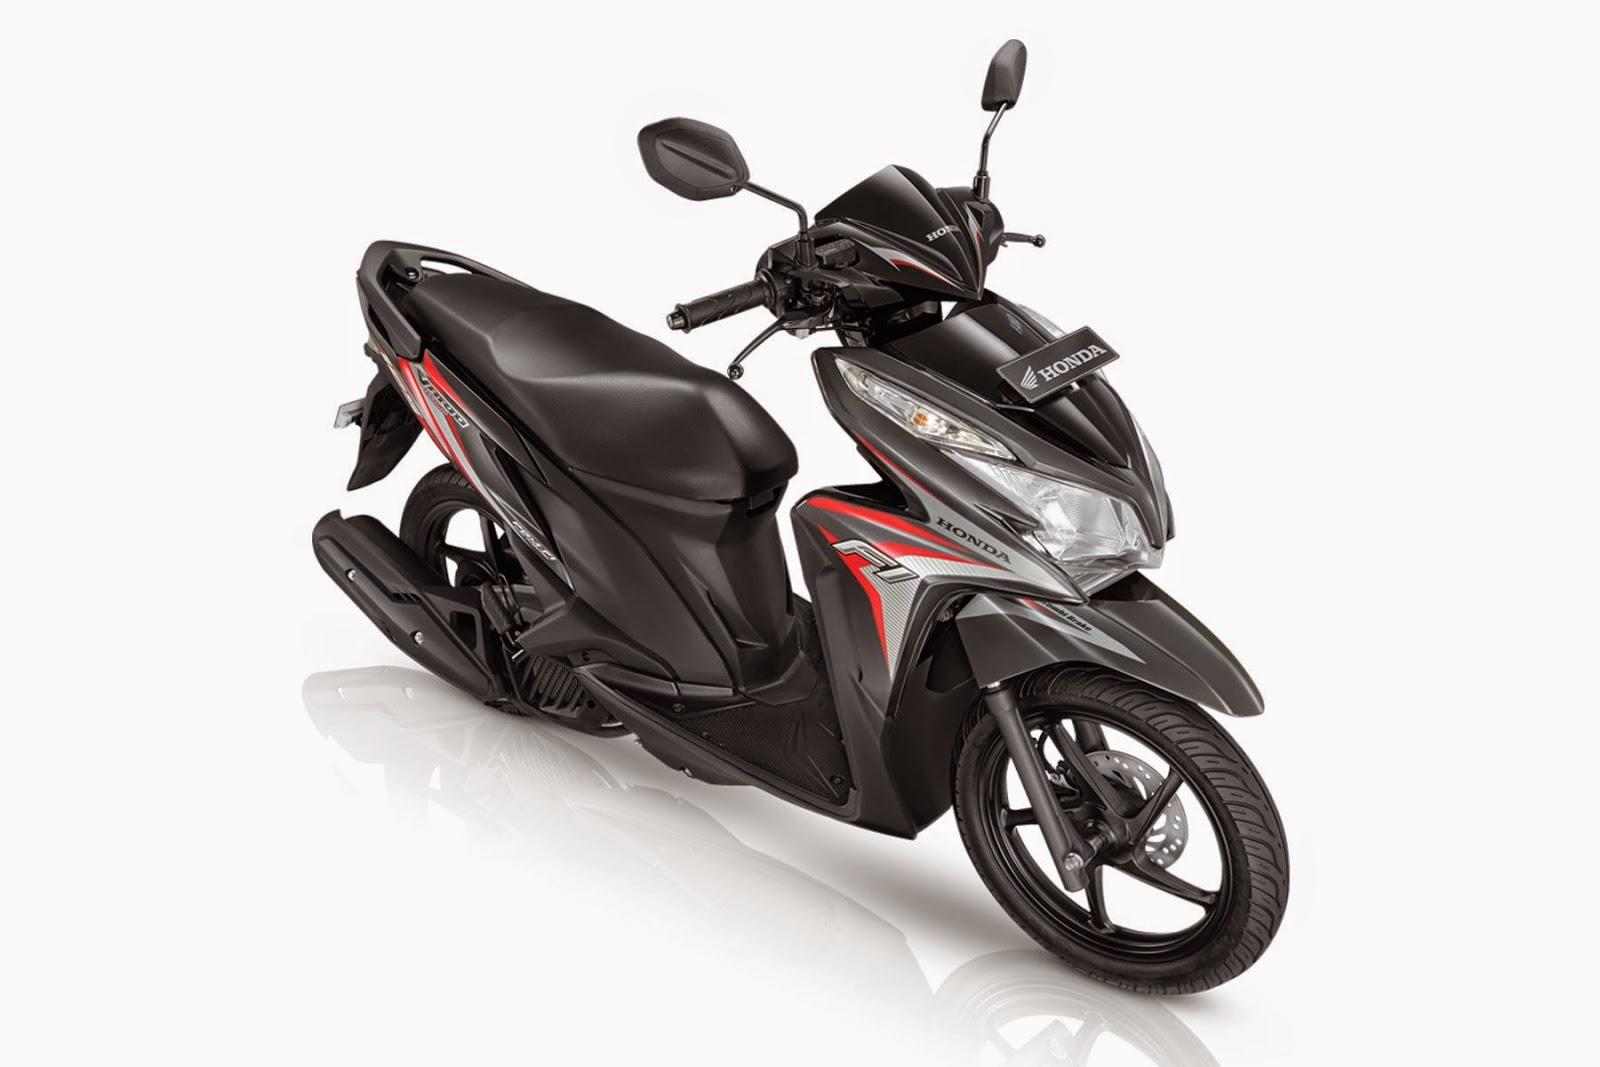 Kredit Motor Honda Vario Techno 125 CBS